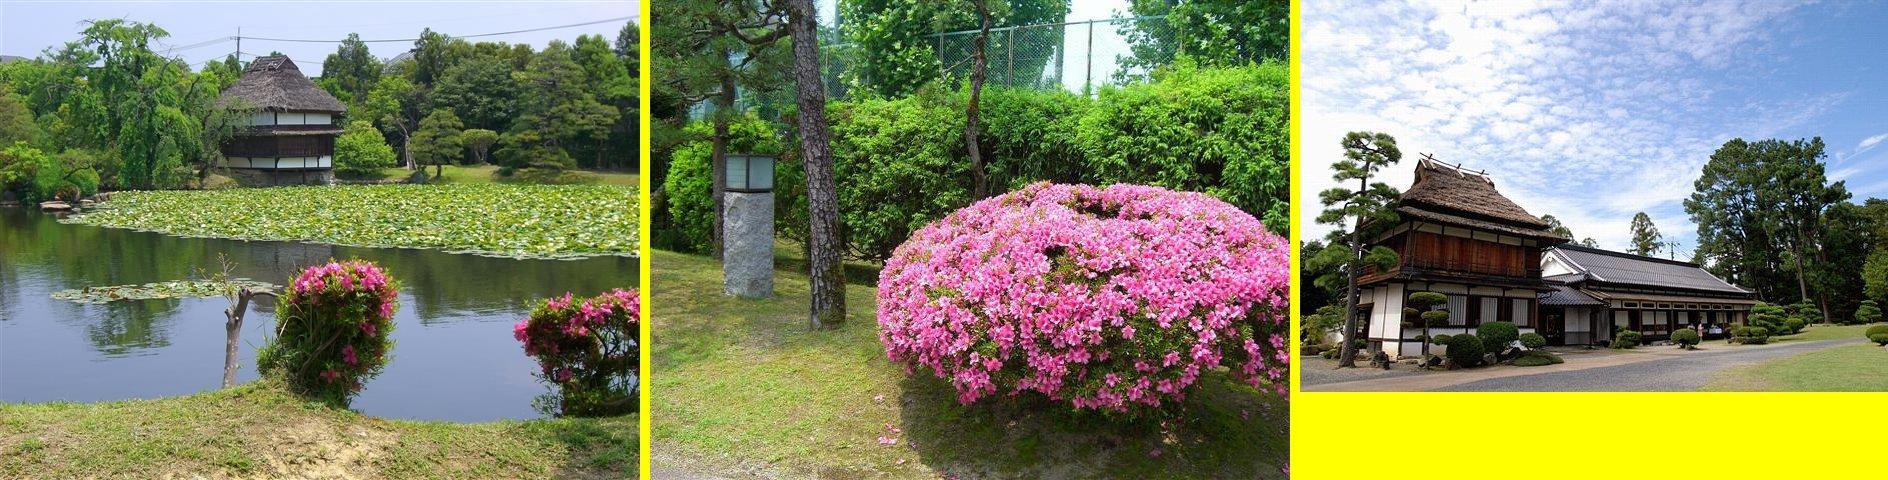 ピンクのツツジが咲き誇っています。衆楽園